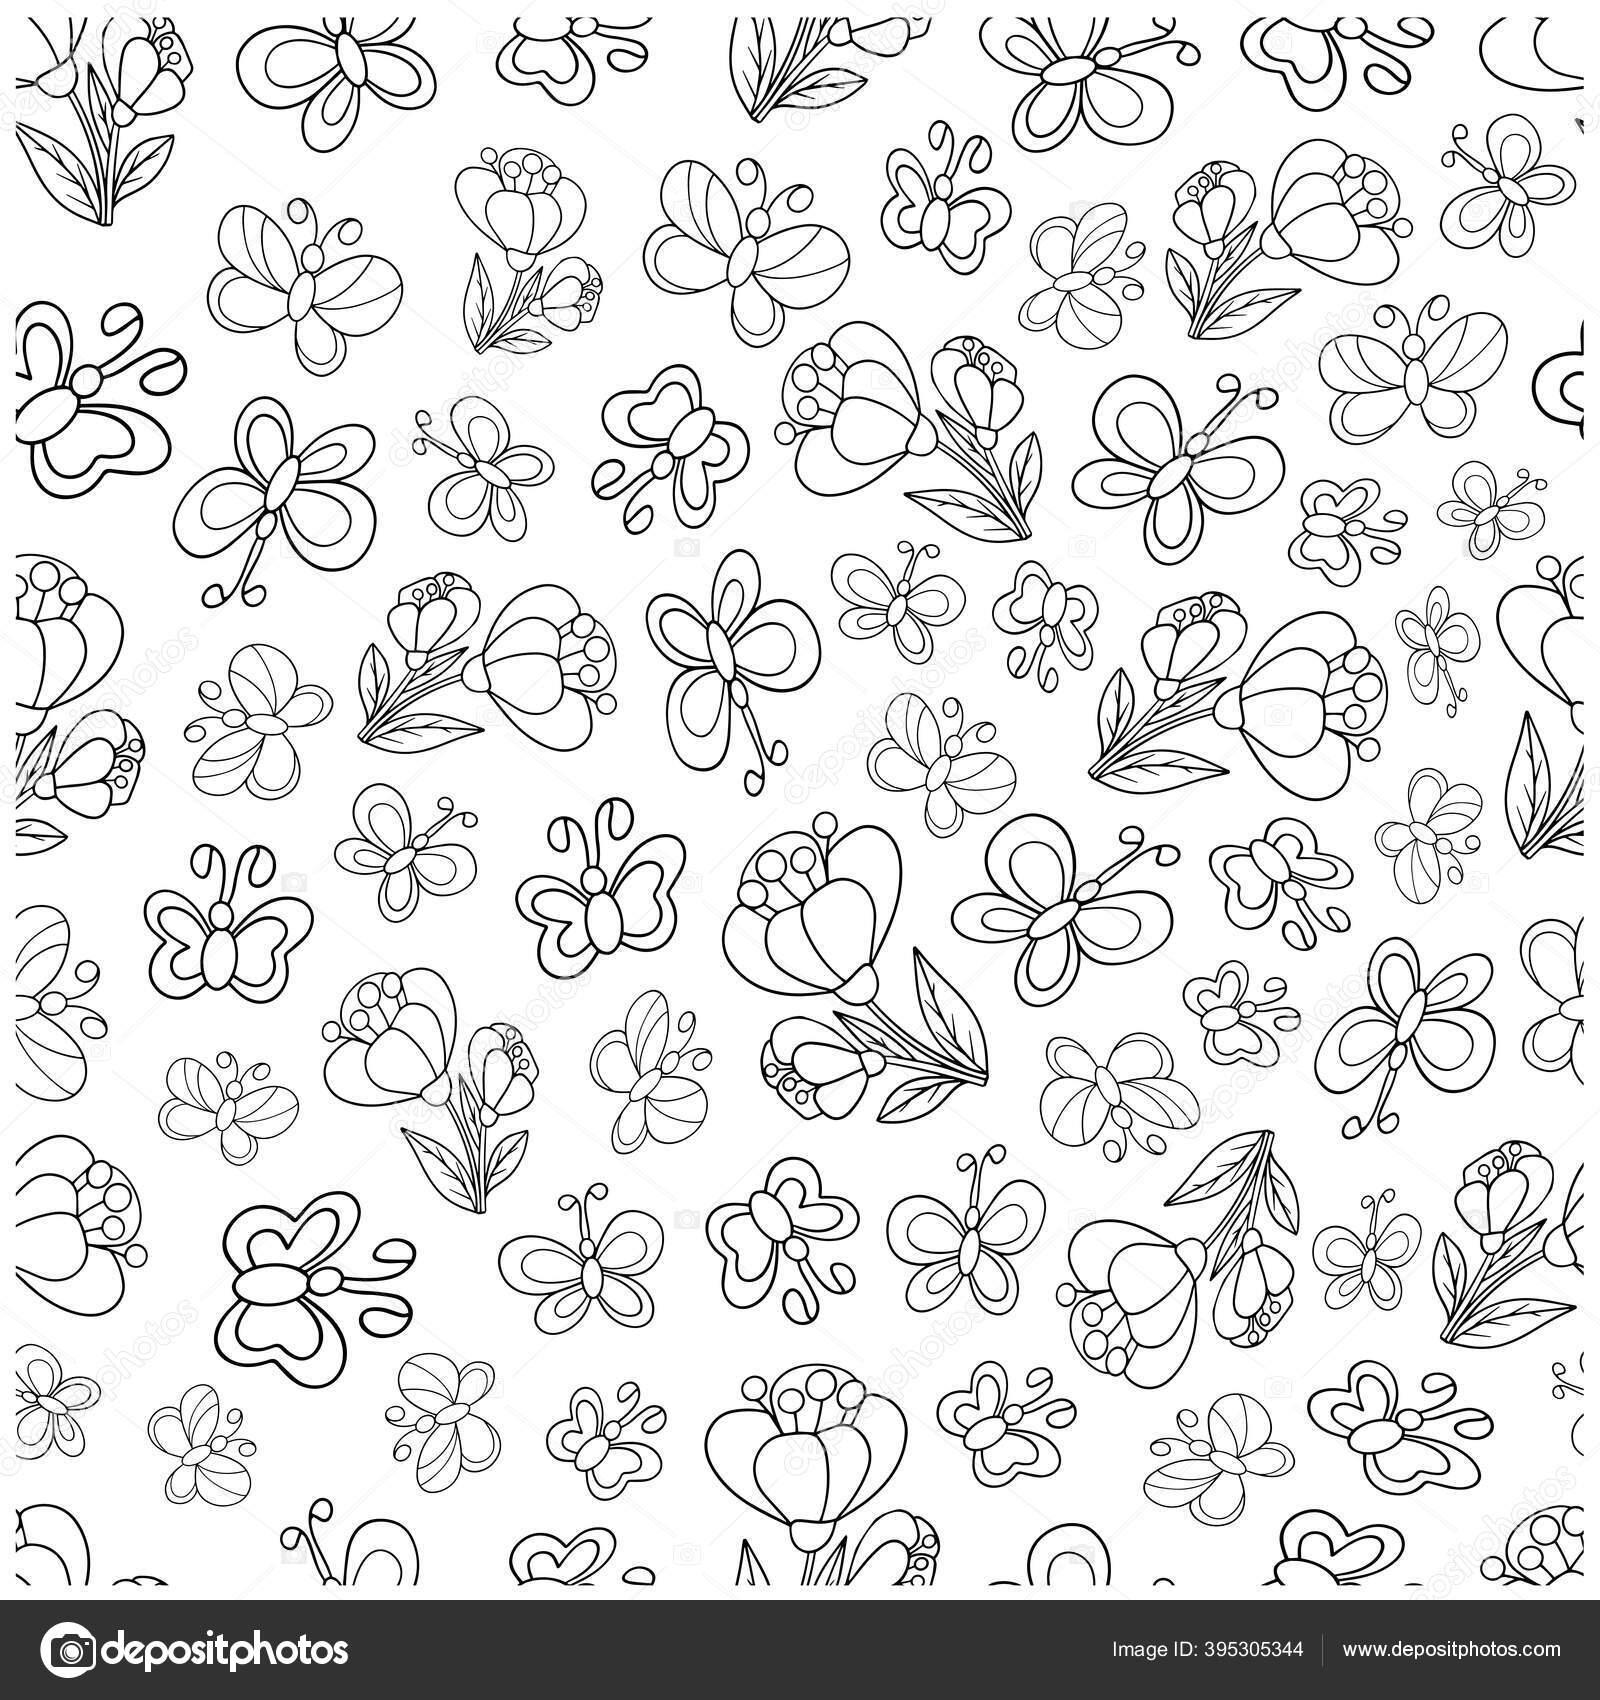 depositphotos 395305344 stock illustration seamless pattern butterflies flowers cute